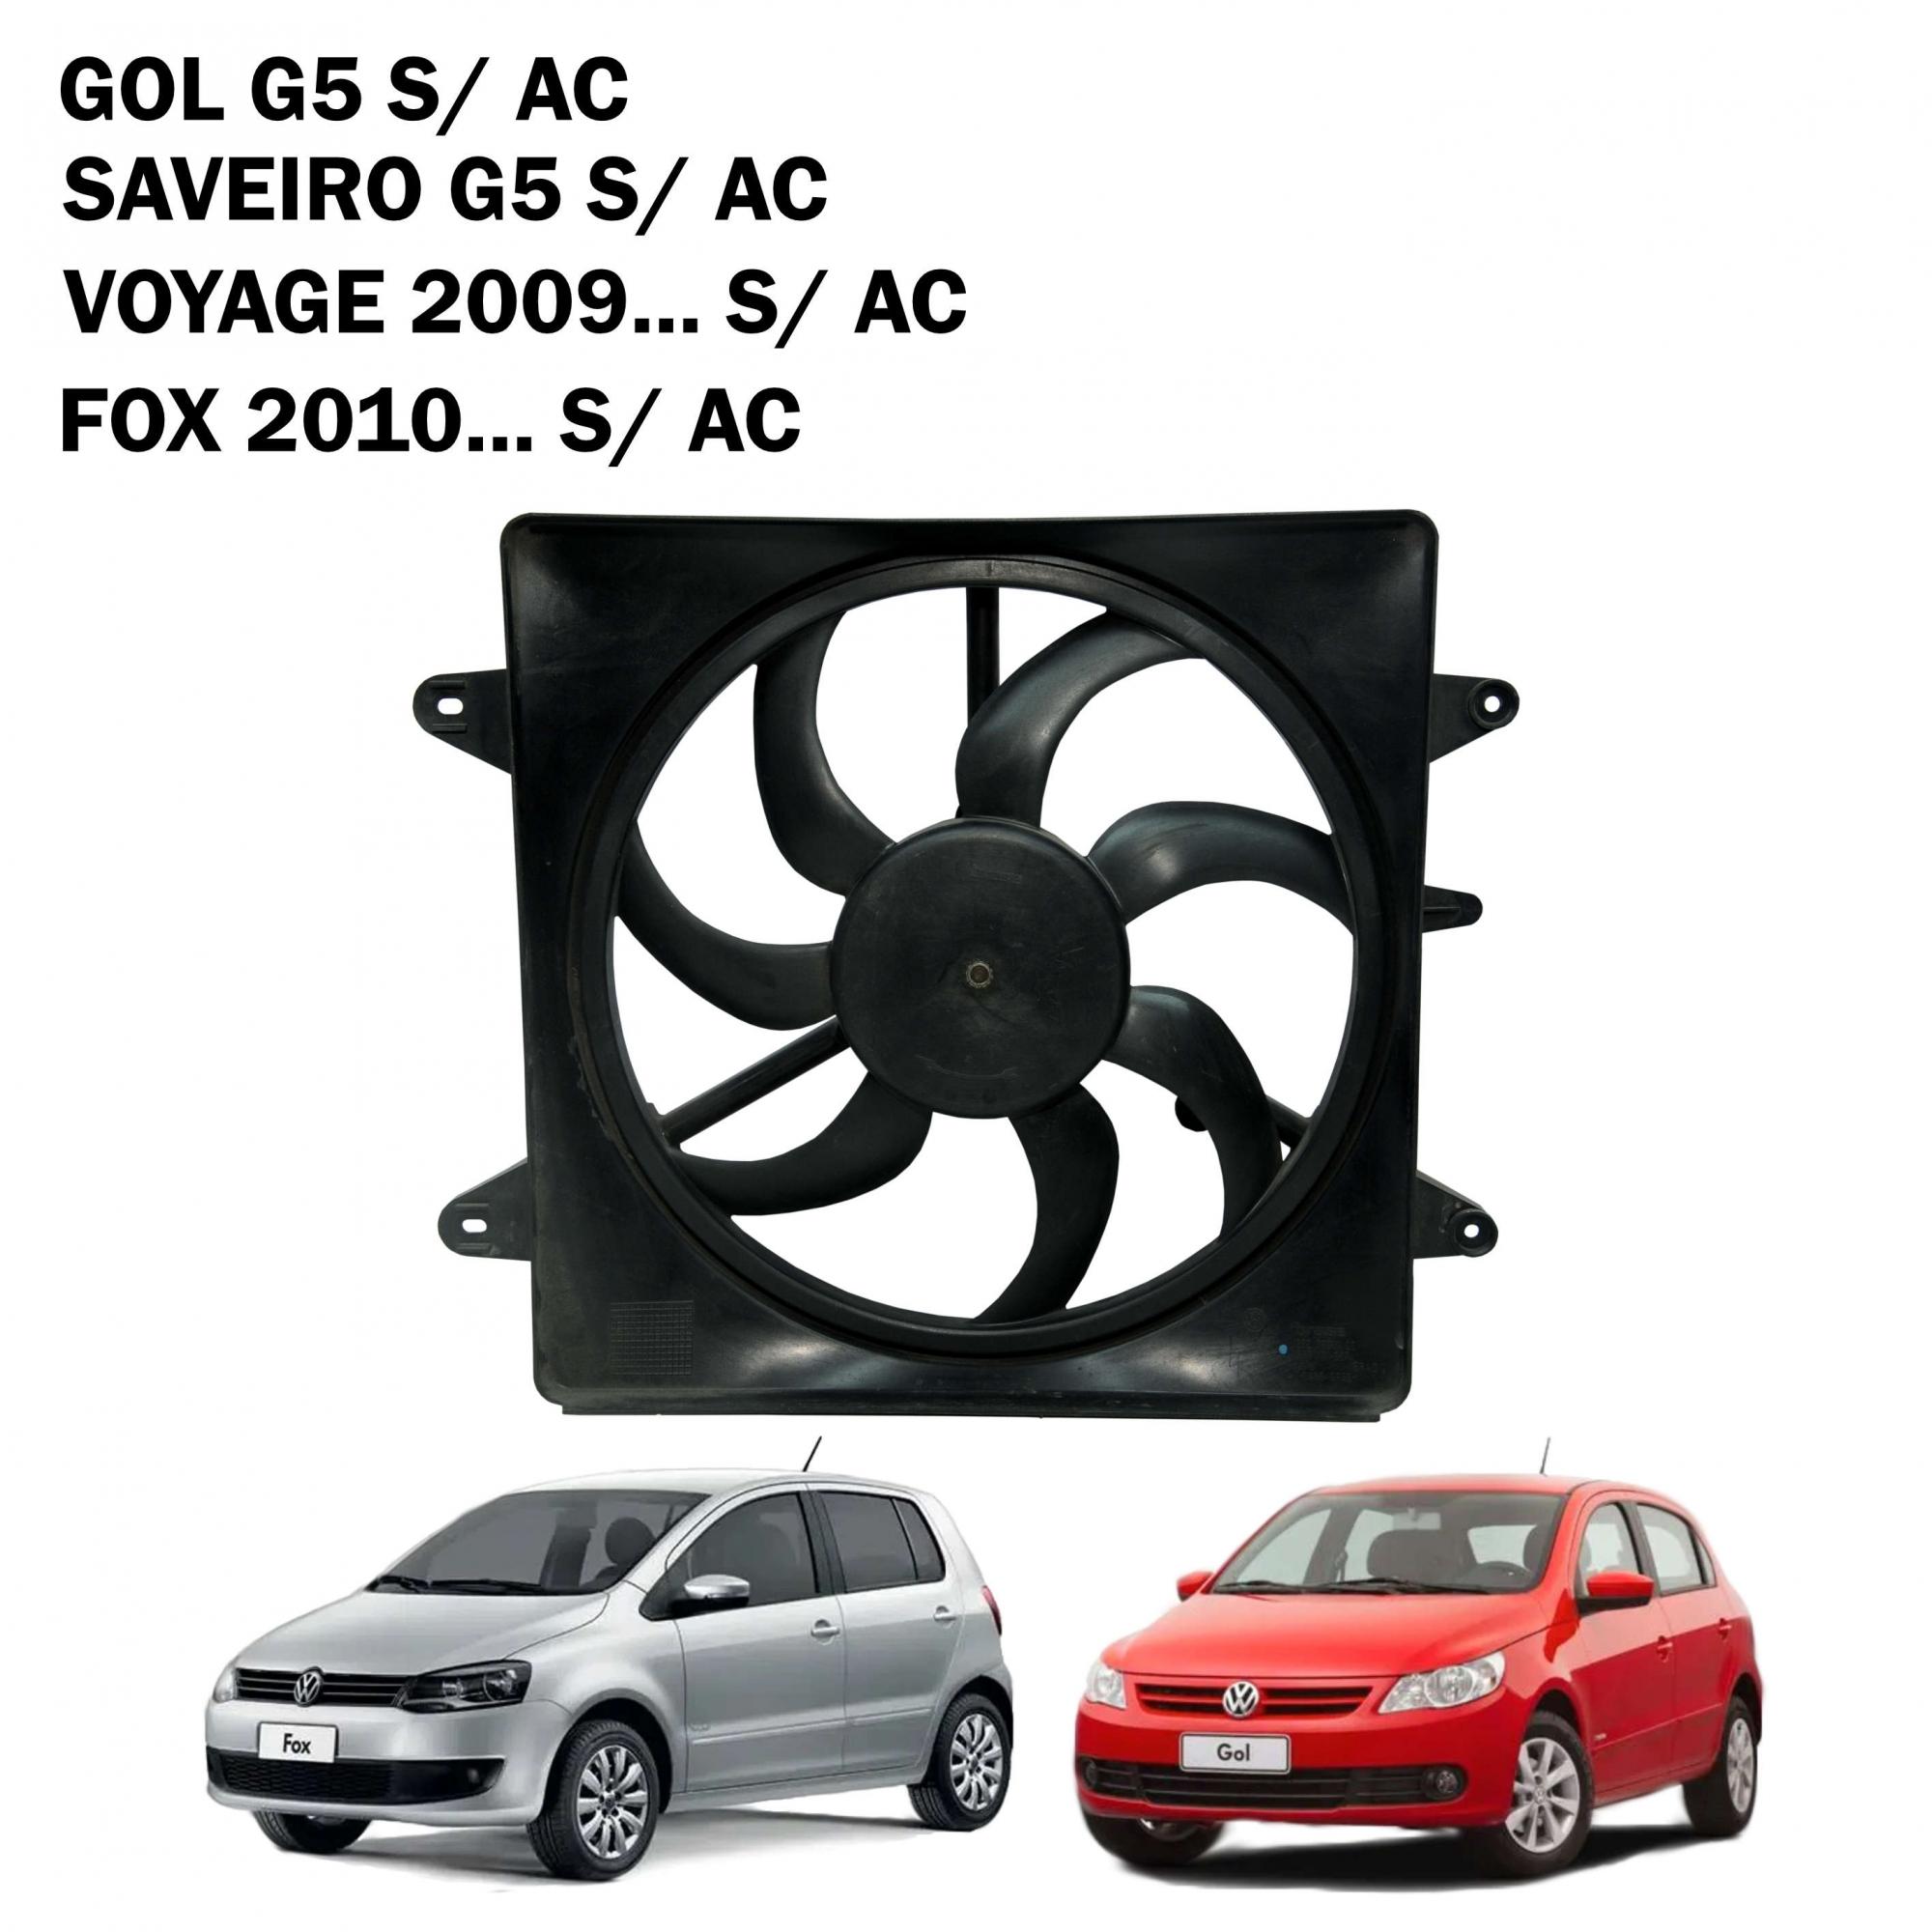 Eletroventilador Ventoinha Gol G5, Voyage, Saveiro G5, Fox 2010... S/ Ar Condicionado 5U0121205A